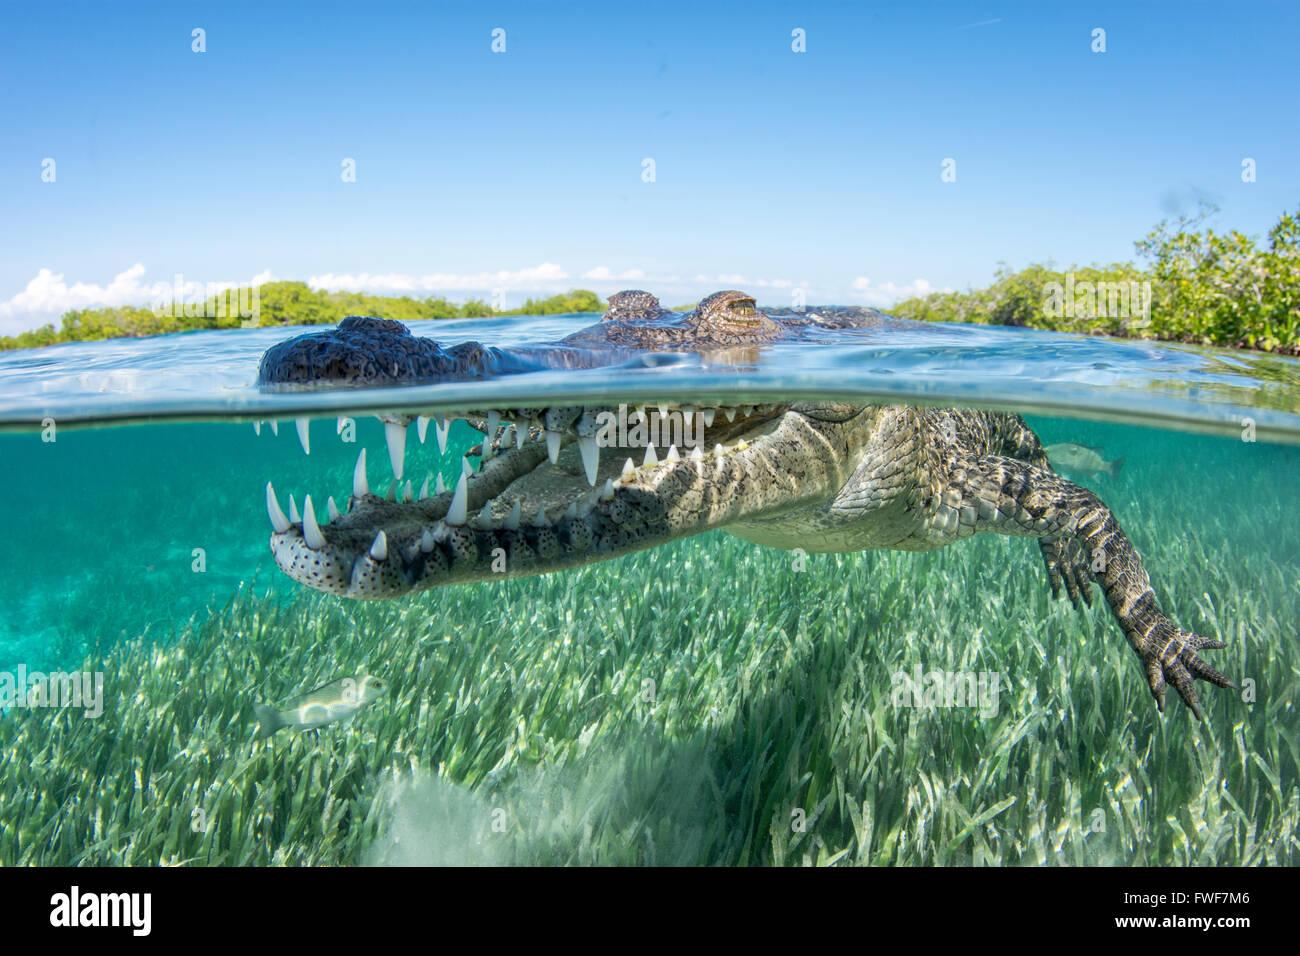 saltwater crocodile, Crocodylus porosus, Jardines de la Reina, Cuba, Caribbean Sea - Stock Image